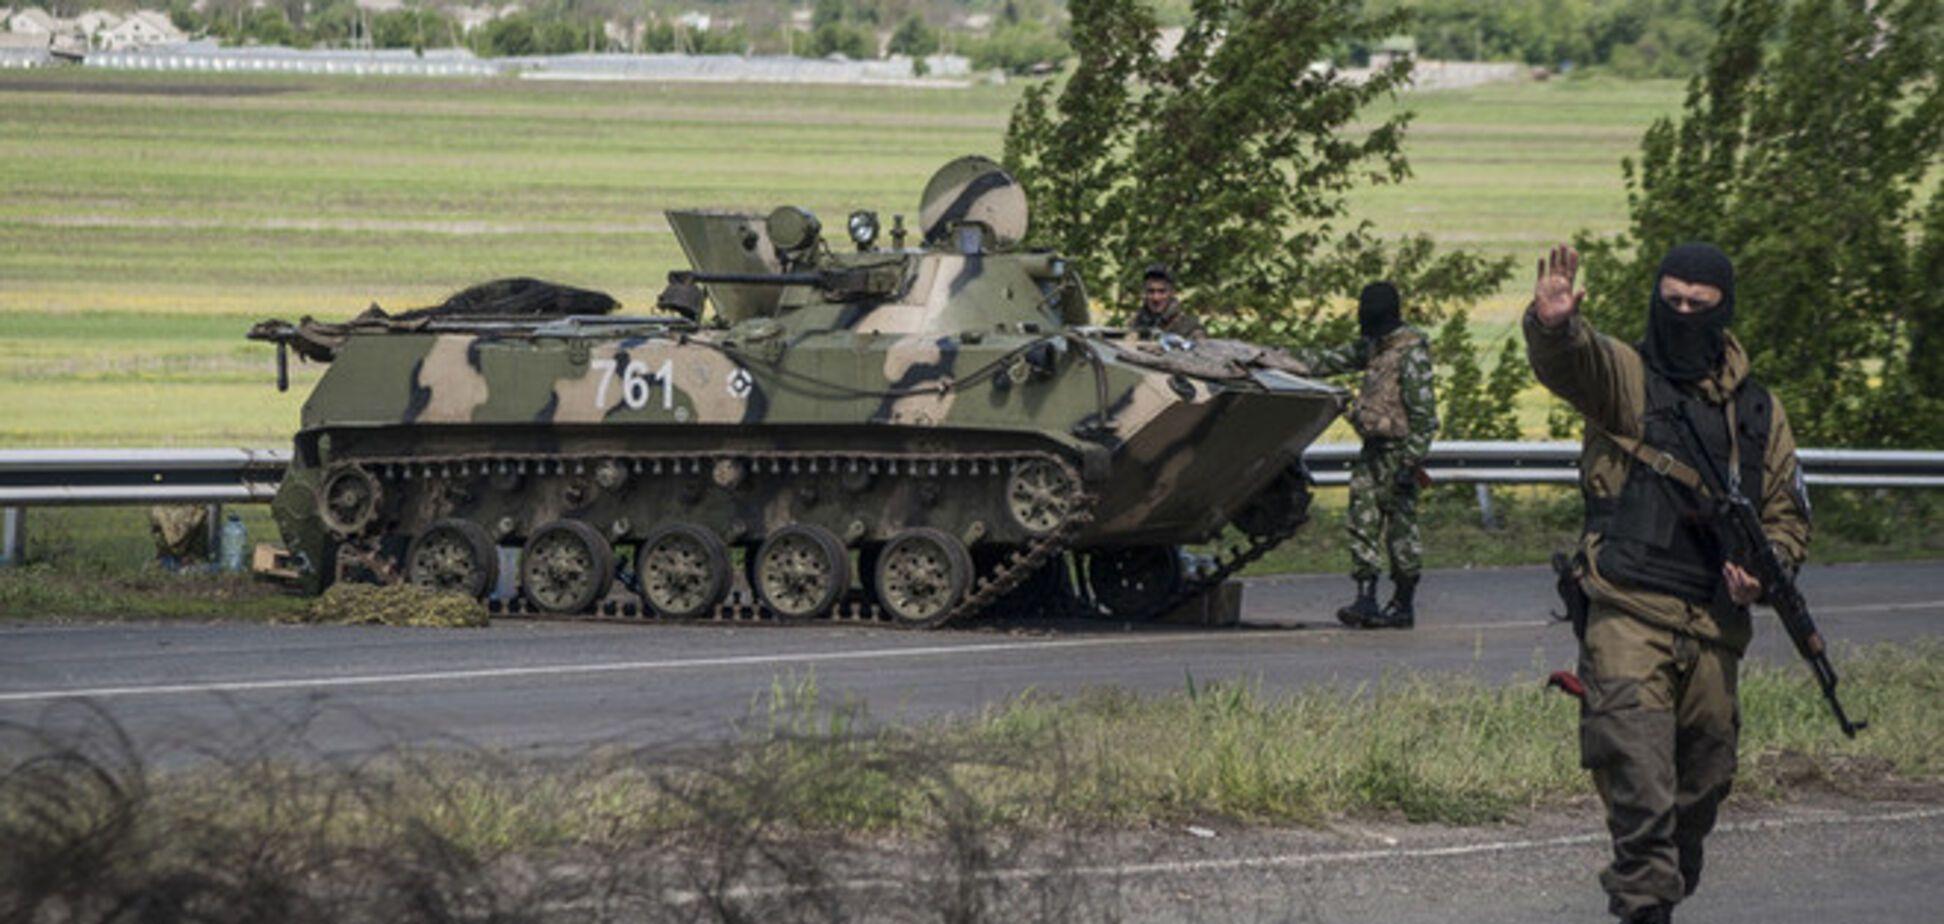 Из Славянска большая группа террористов готовится идти на прорыв